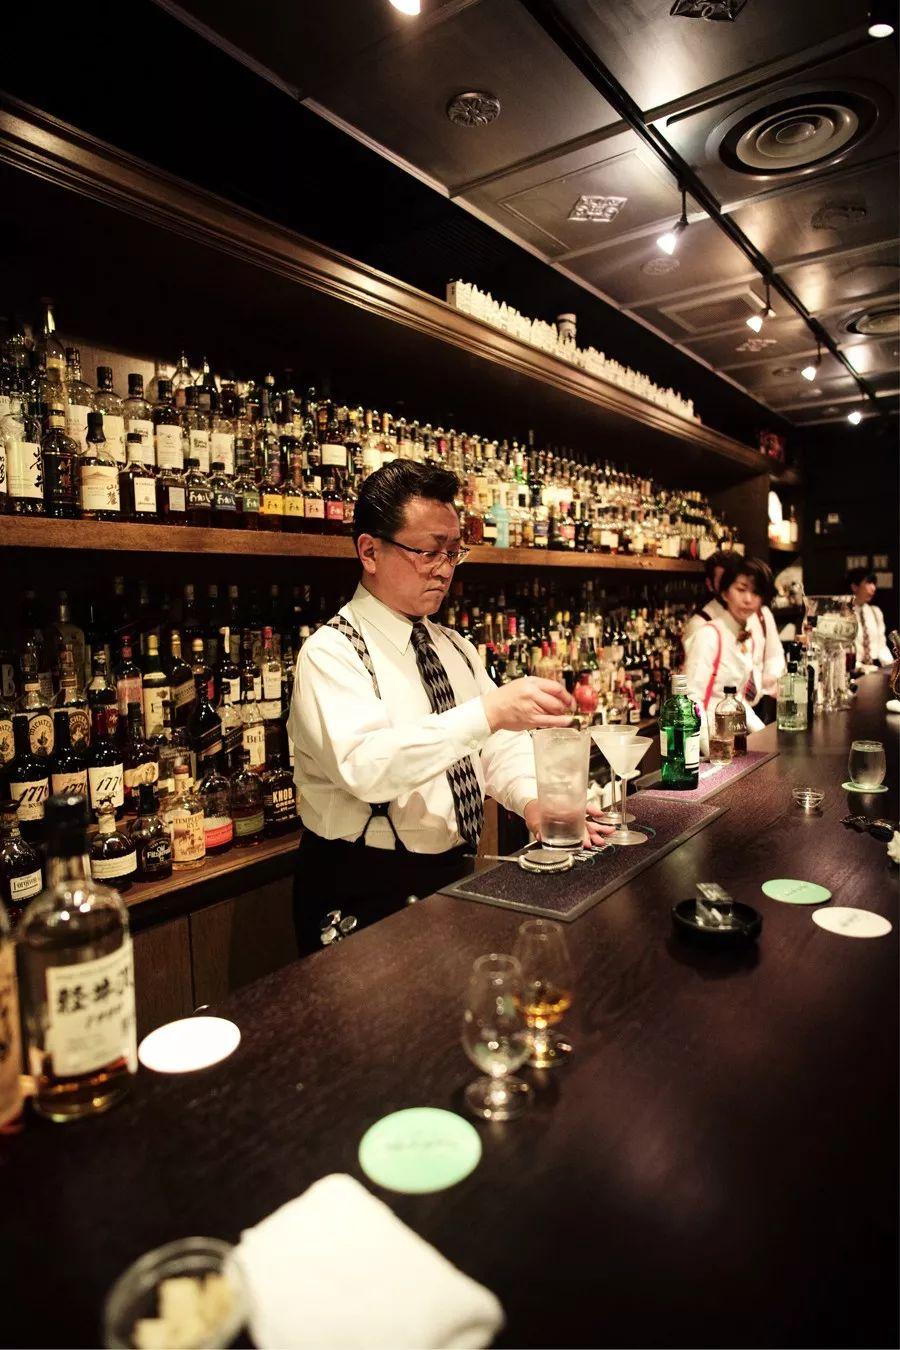 没去东京这家店喝过一杯   算什么爱酒之人?